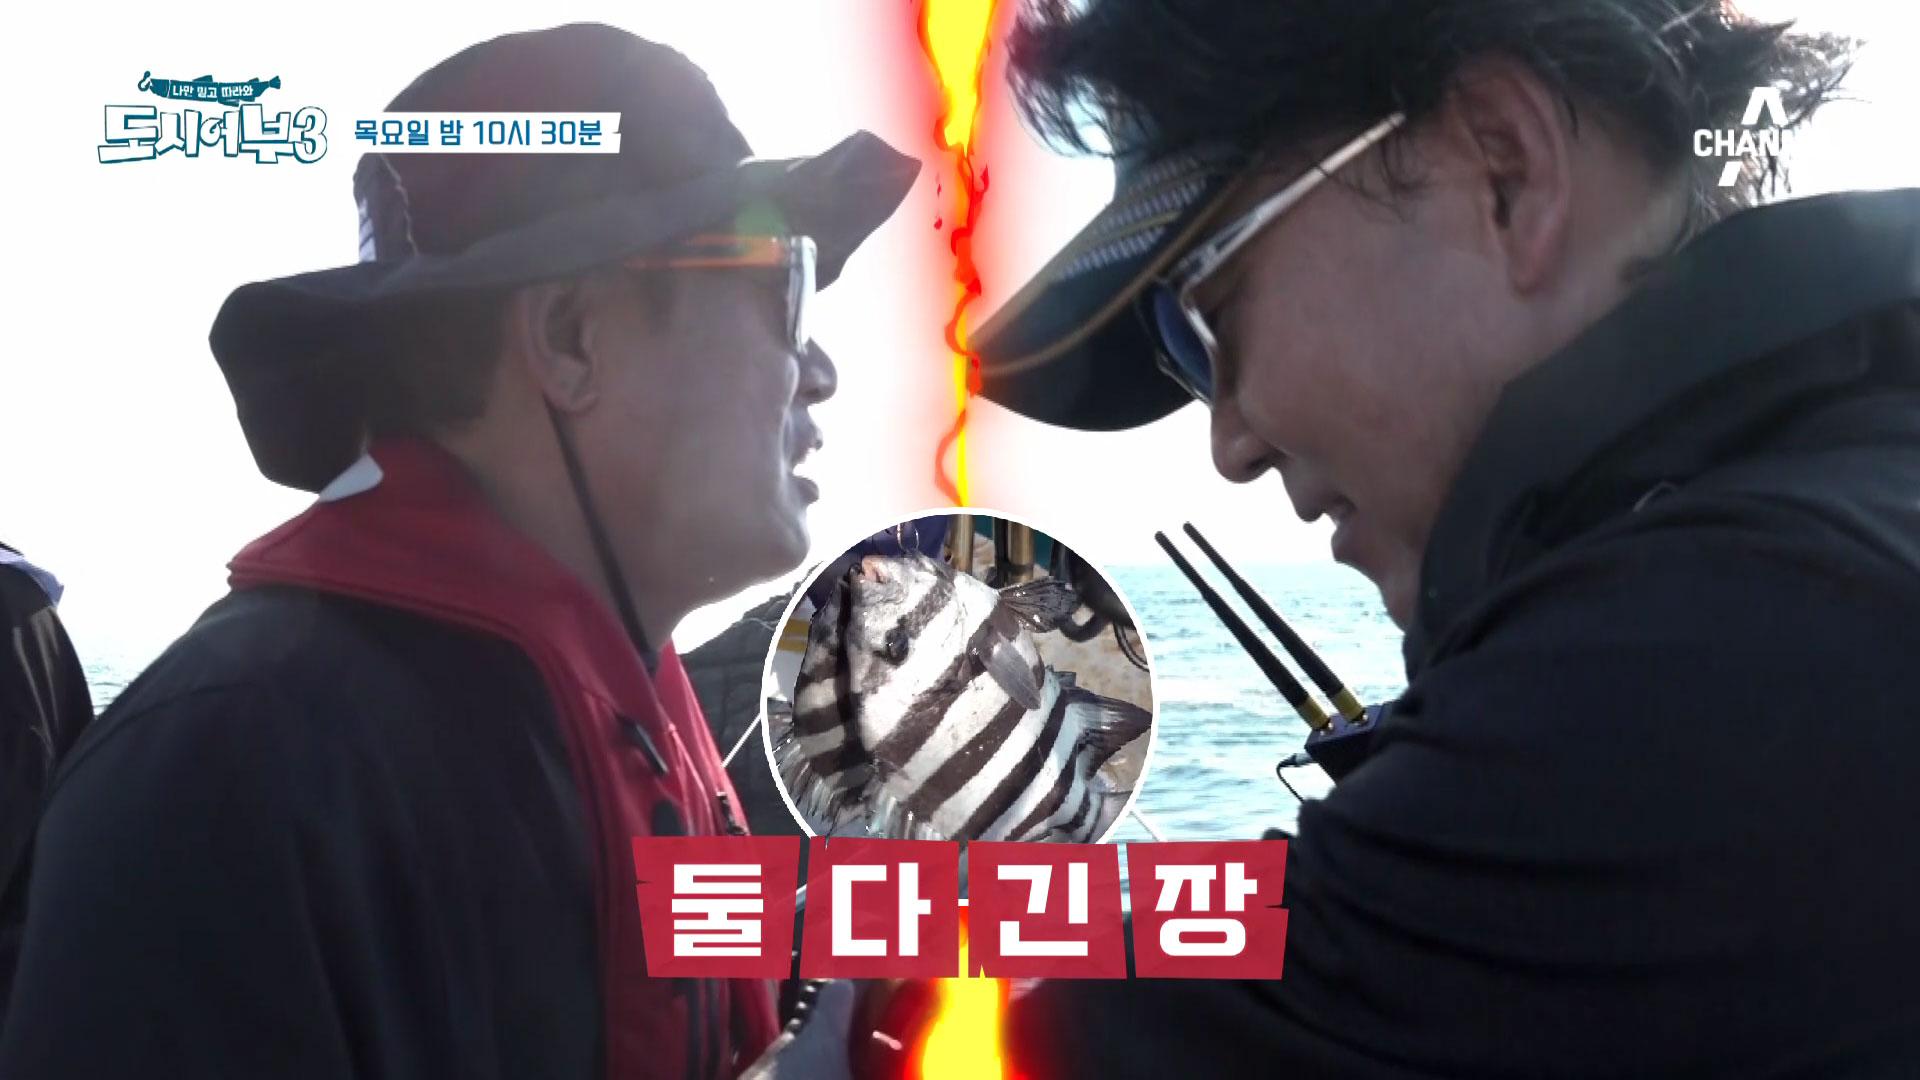 [선공개] 킹경규vs박프로 쌍돌돔 진흙탕싸움의 승자는?